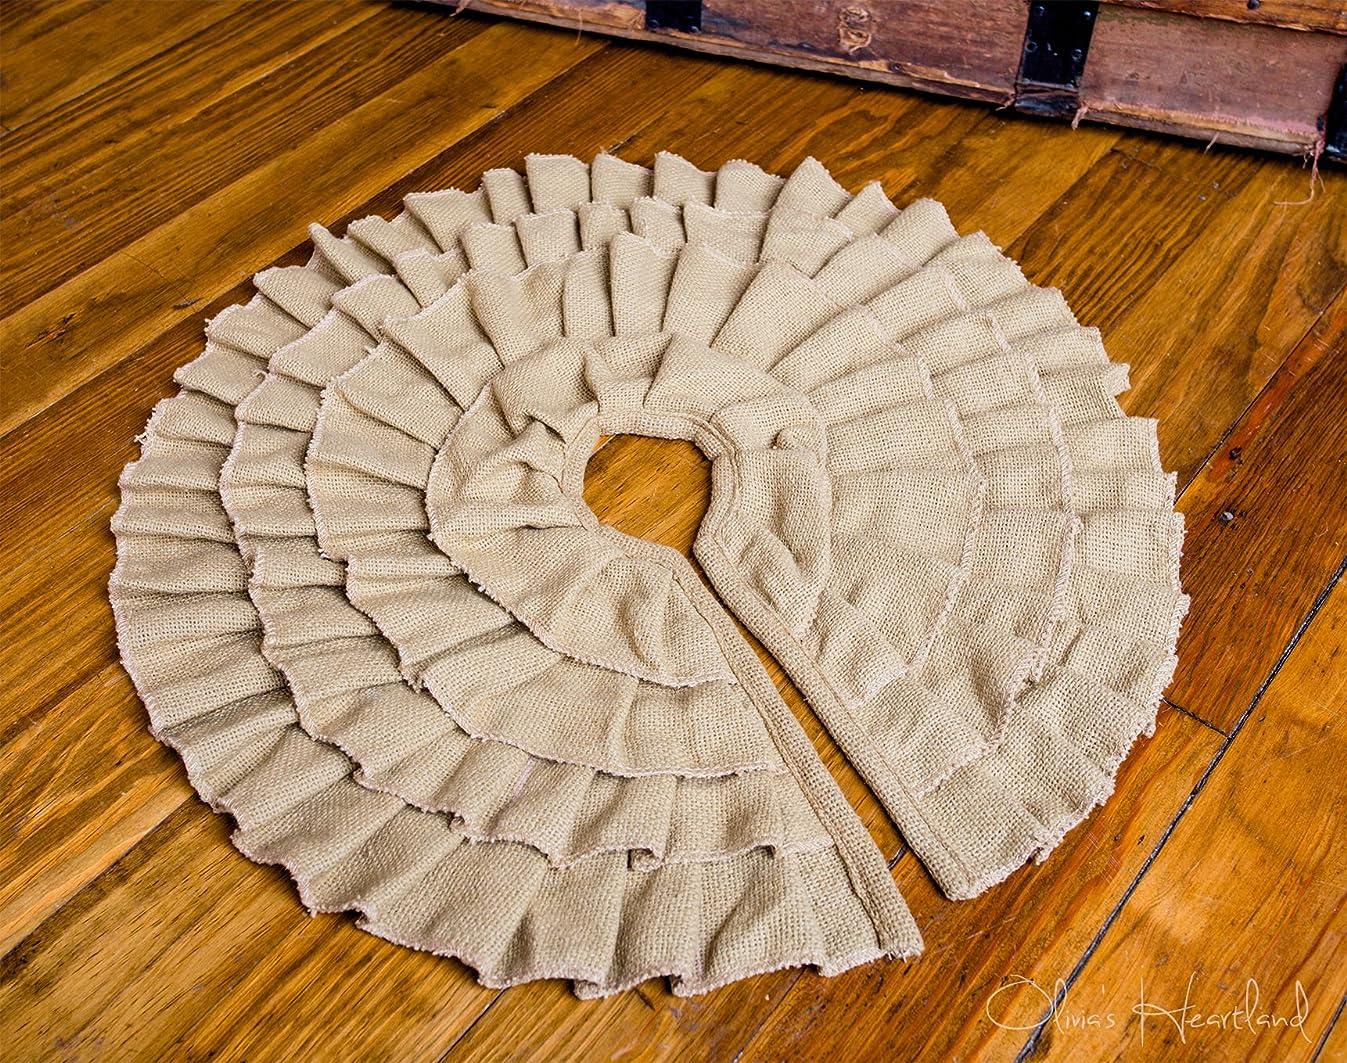 Deluxe Burlap Natural Tan Mini Tree Skirt